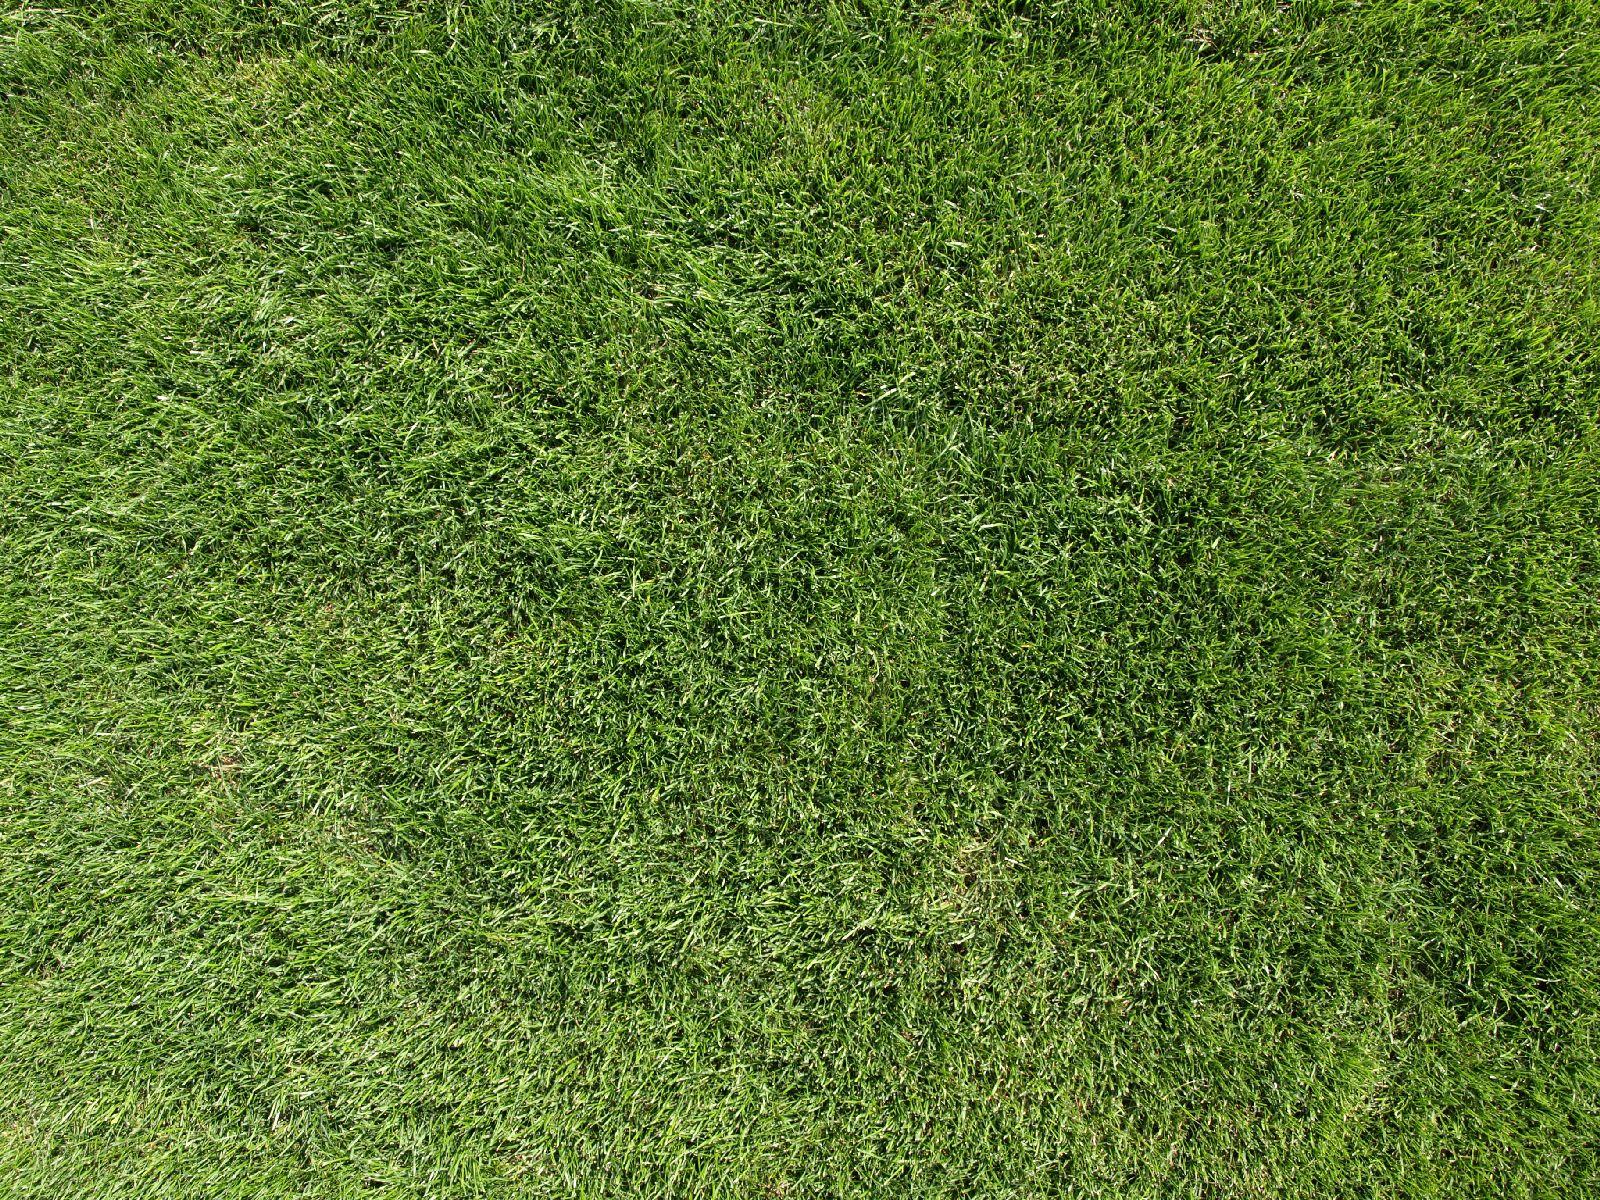 Boden-Gras-Moos-Blumen_Textur_A_P8314707